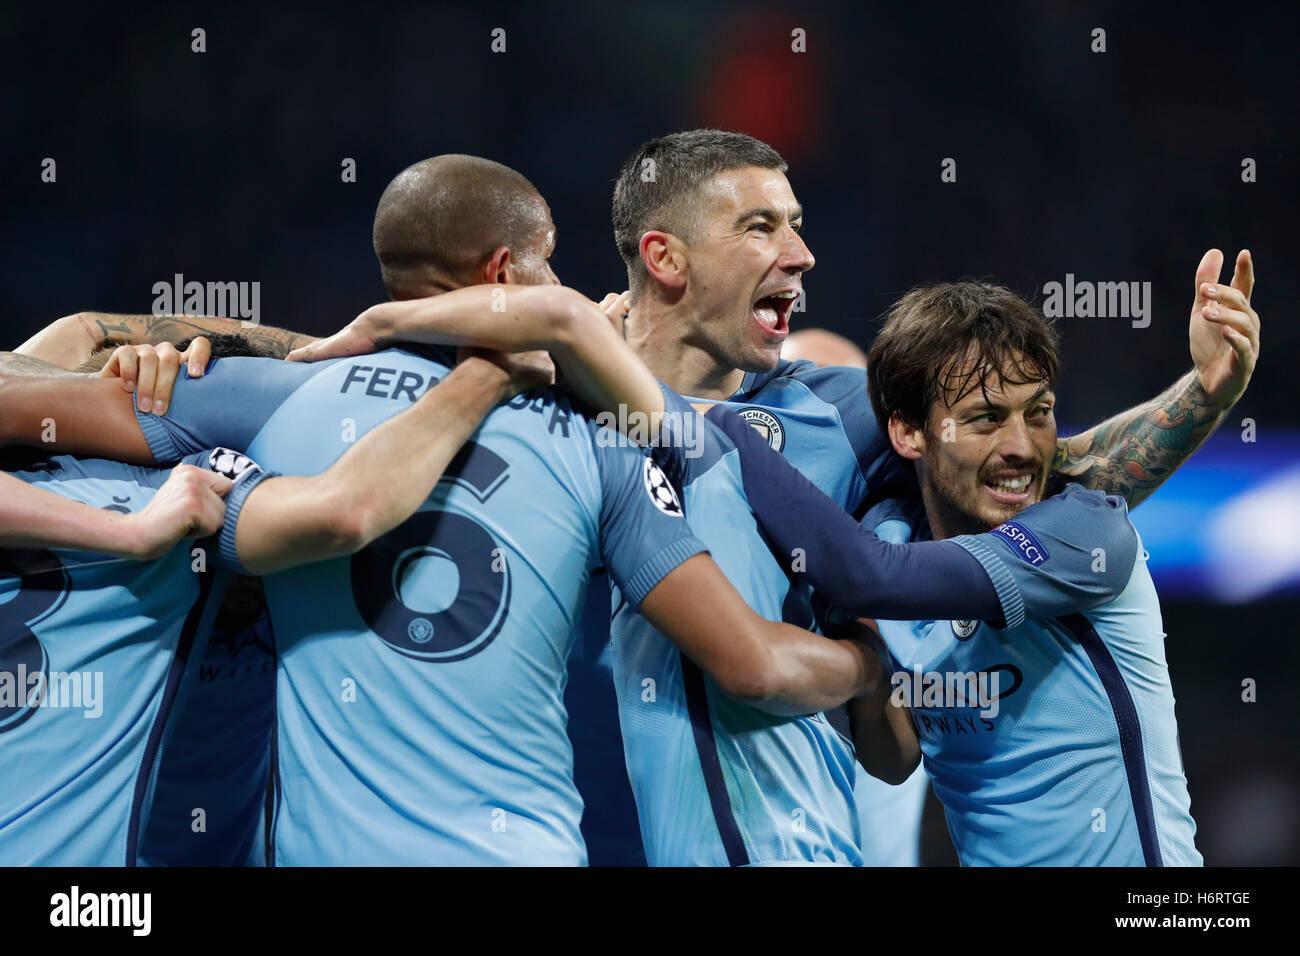 Londres, Gran Bretaña. 1 nov, 2016. Los jugadores del Manchester City celebran tras anotar en el grupo C de Imagen De Stock